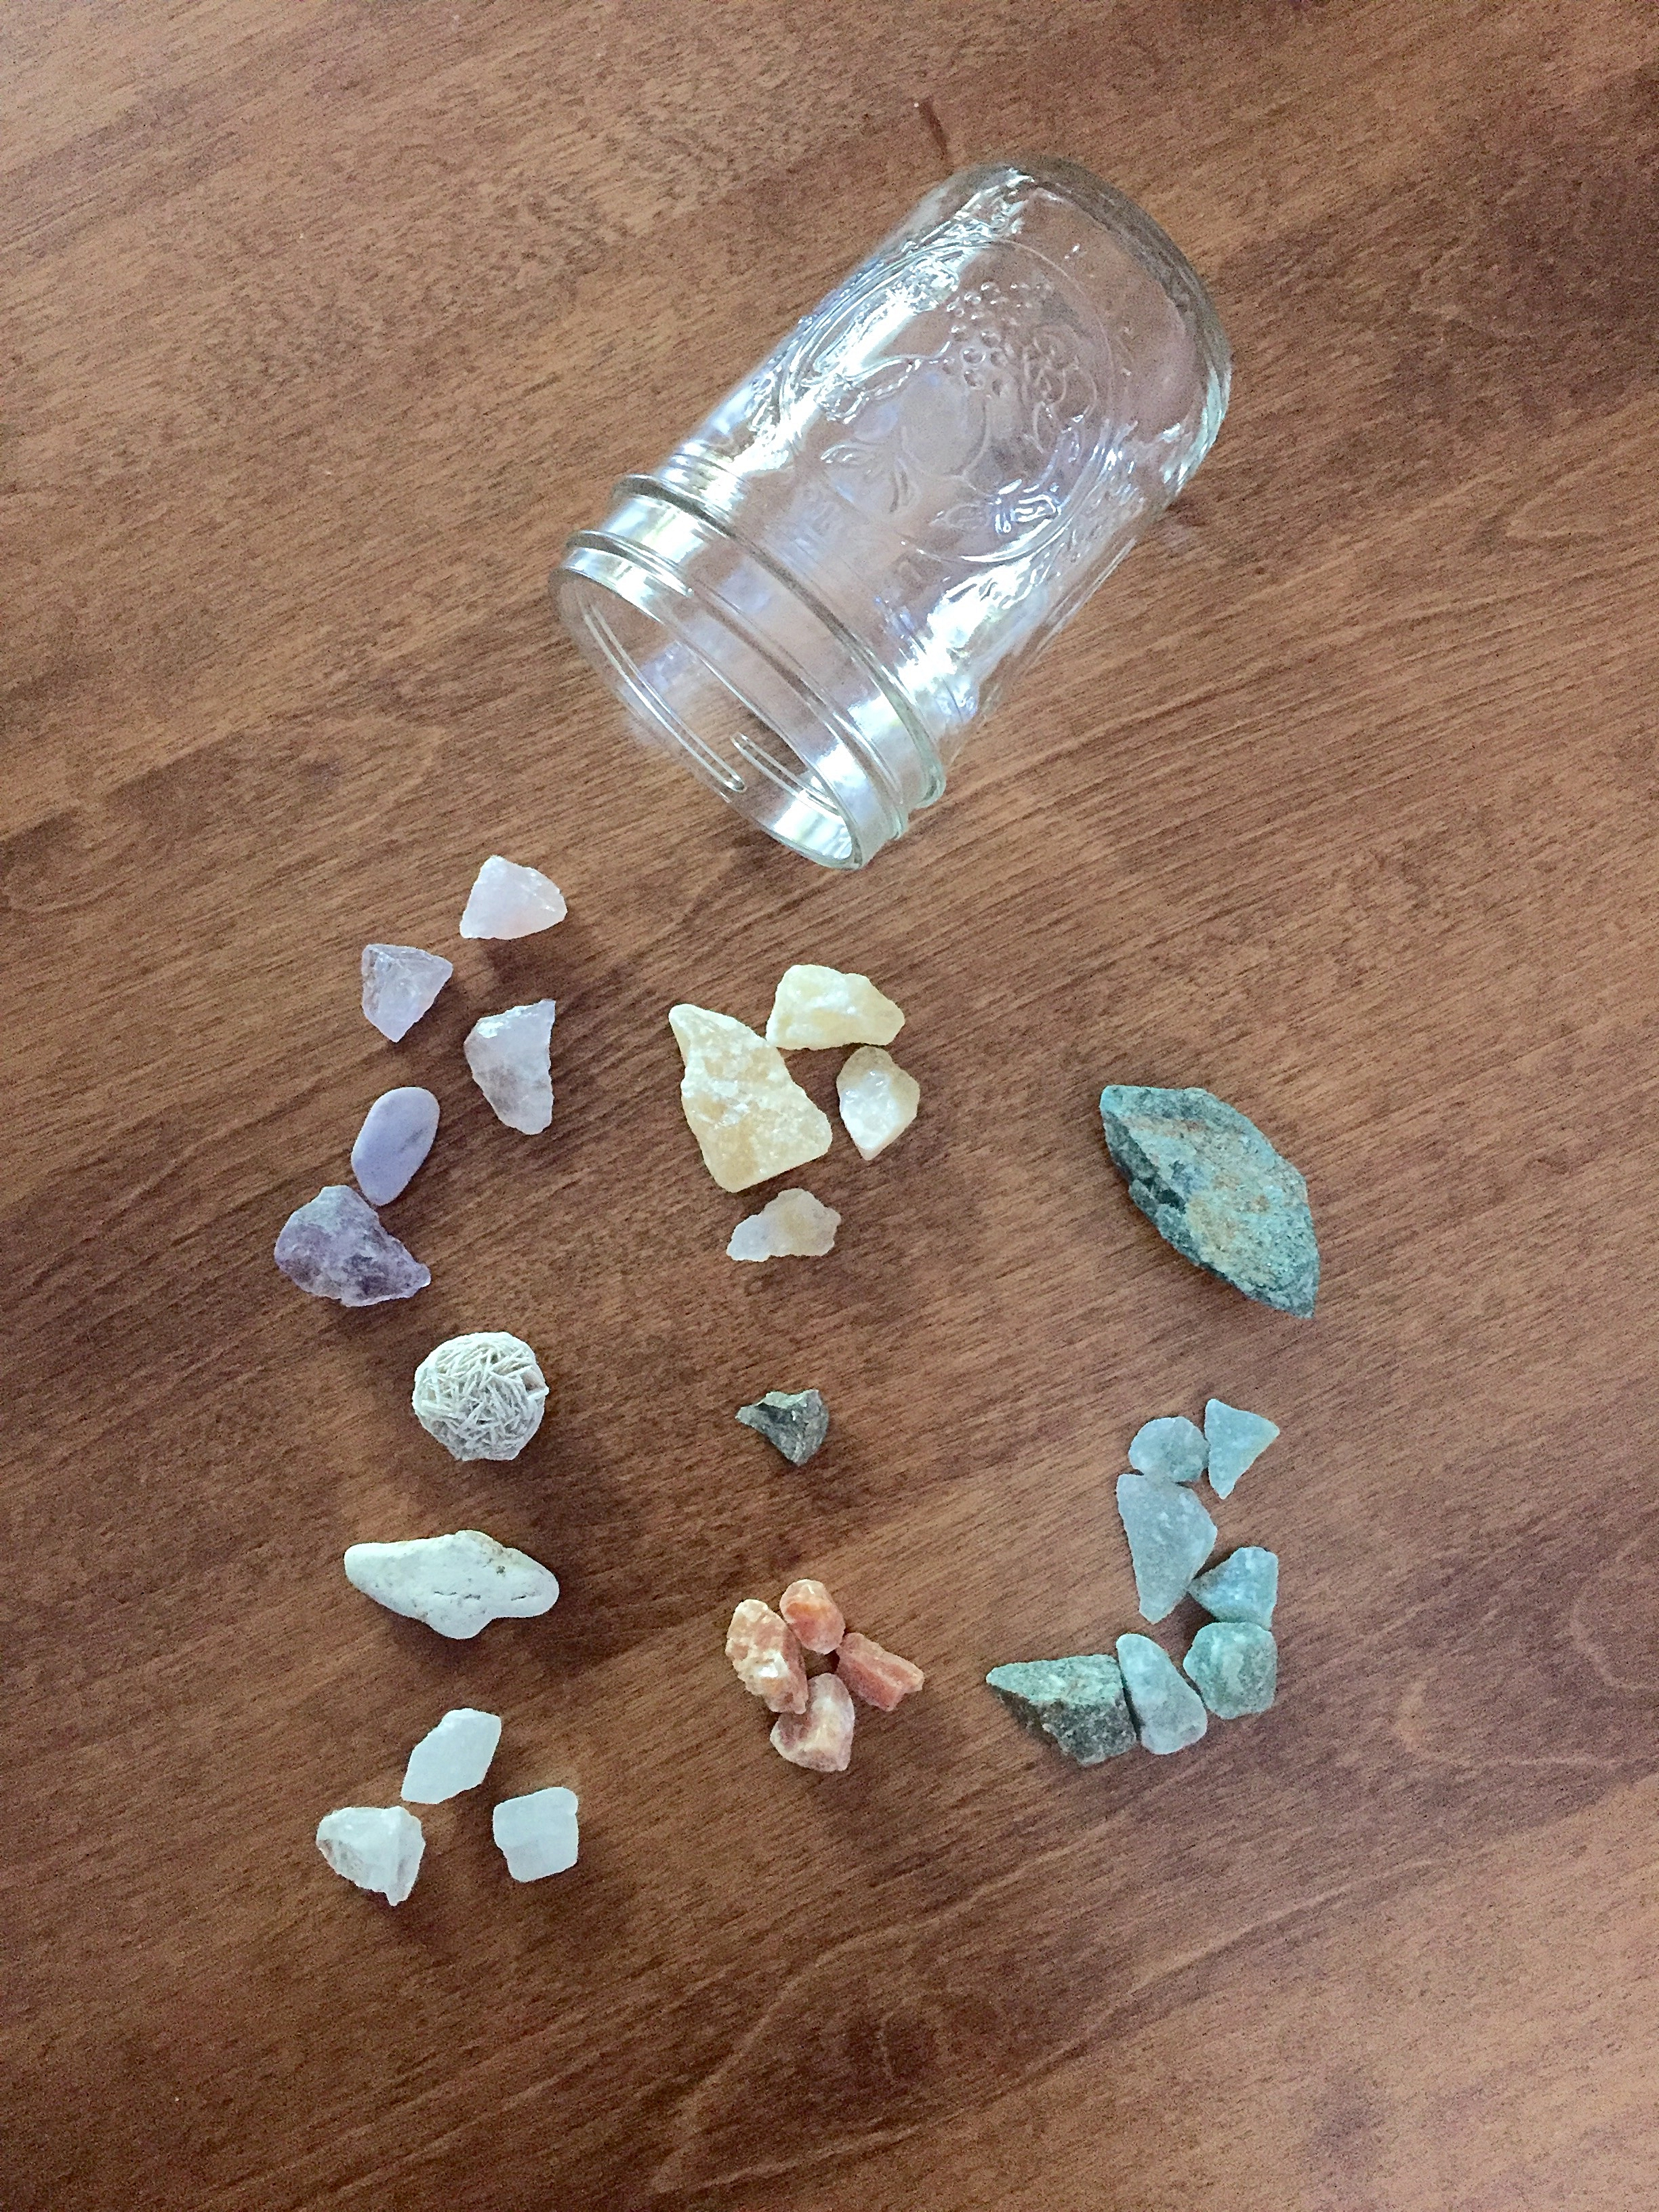 gems-and-mason-jar.jpg